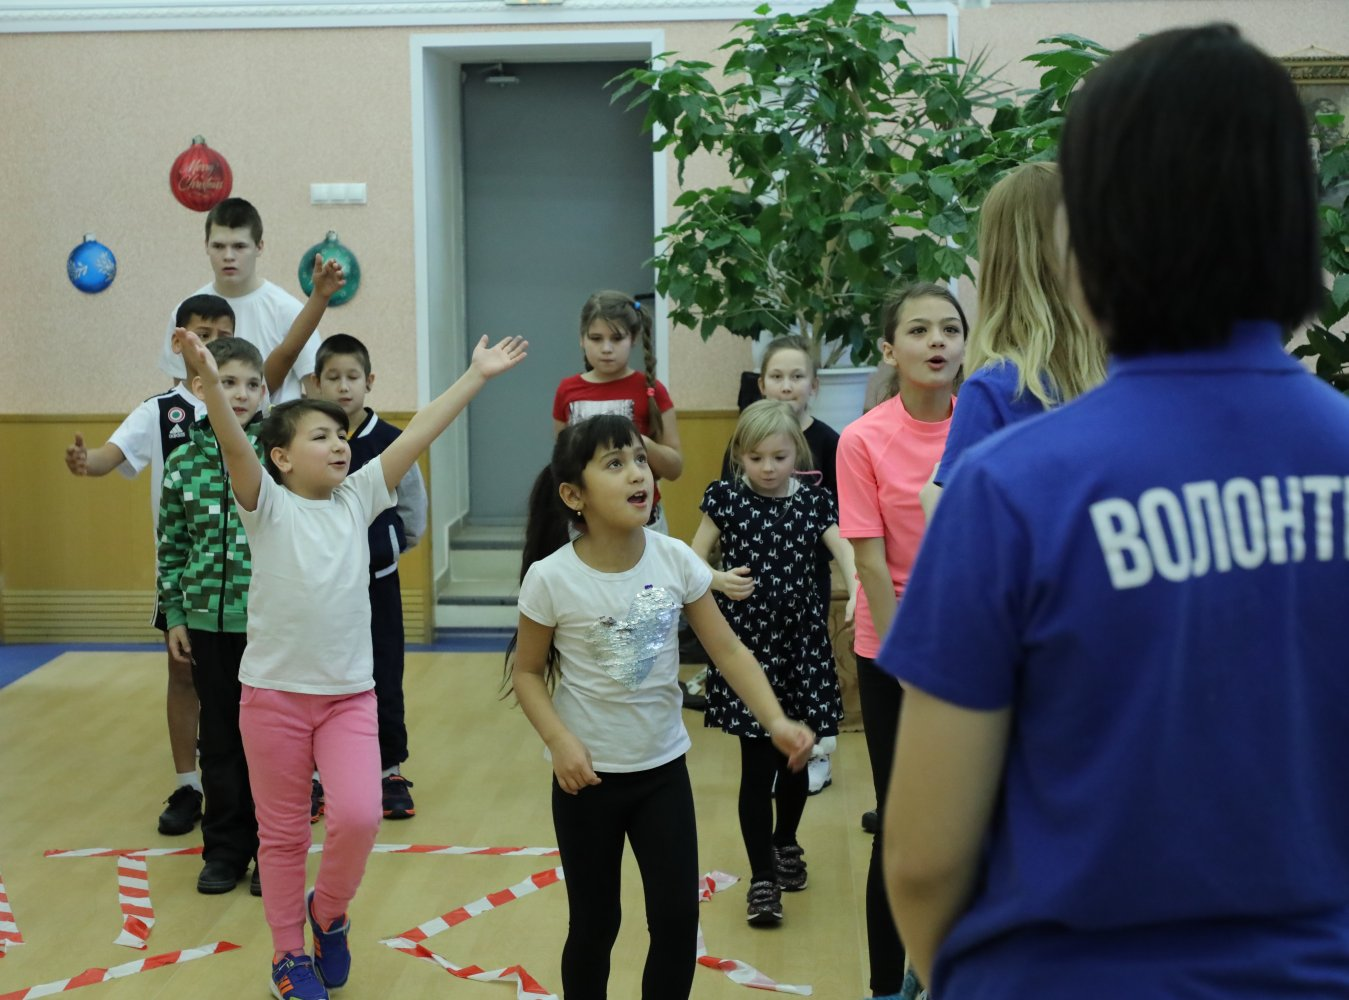 В Ханты-Мансийске в рамках спортивно-образовательных проектов ПКР прошел Паралимпийский урок